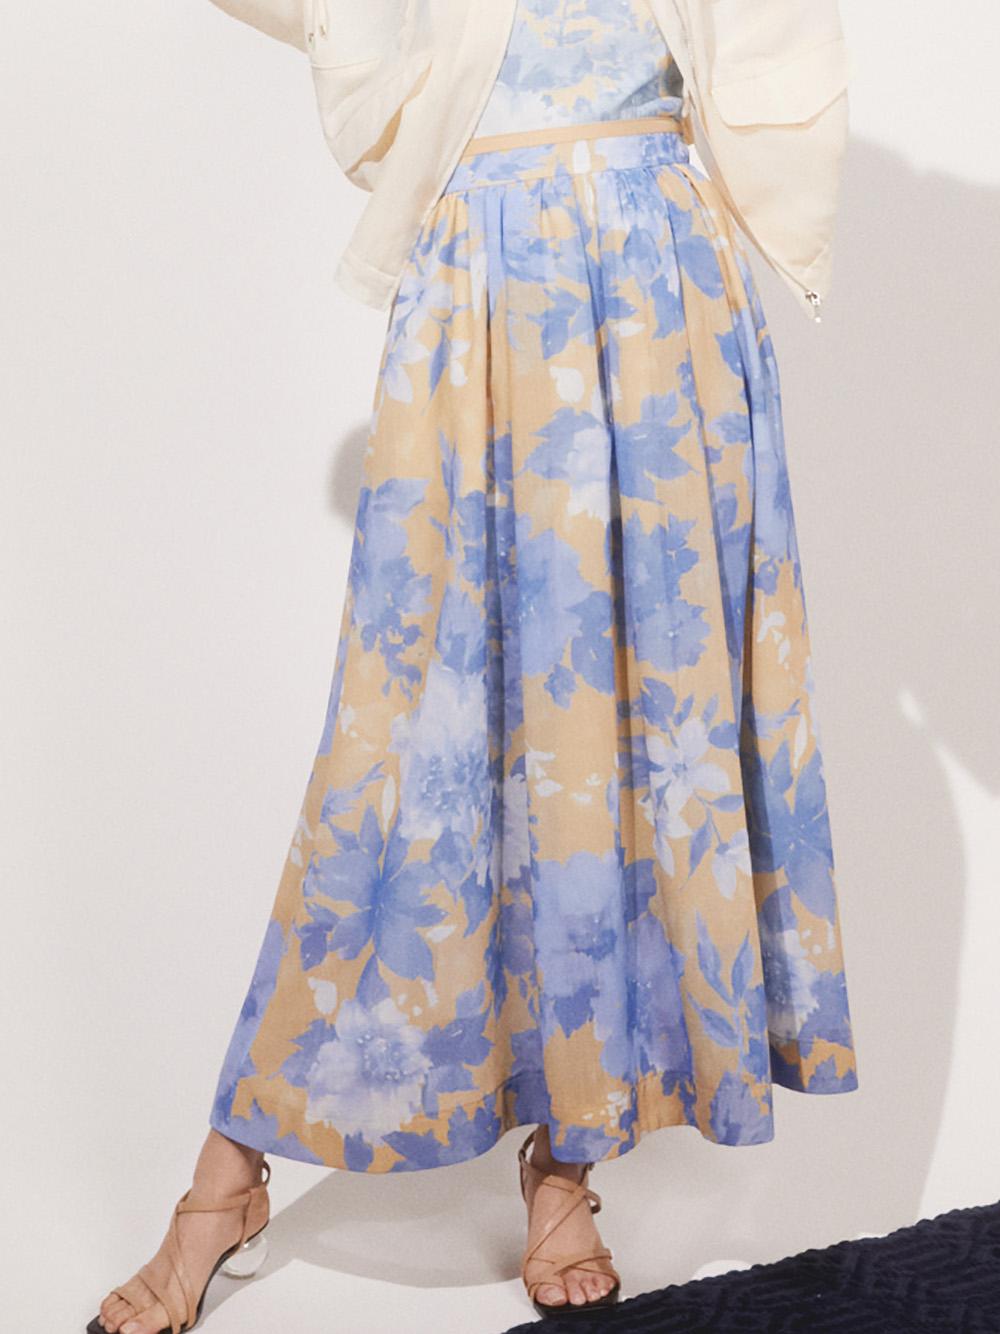 ボタニカルフラワースカート